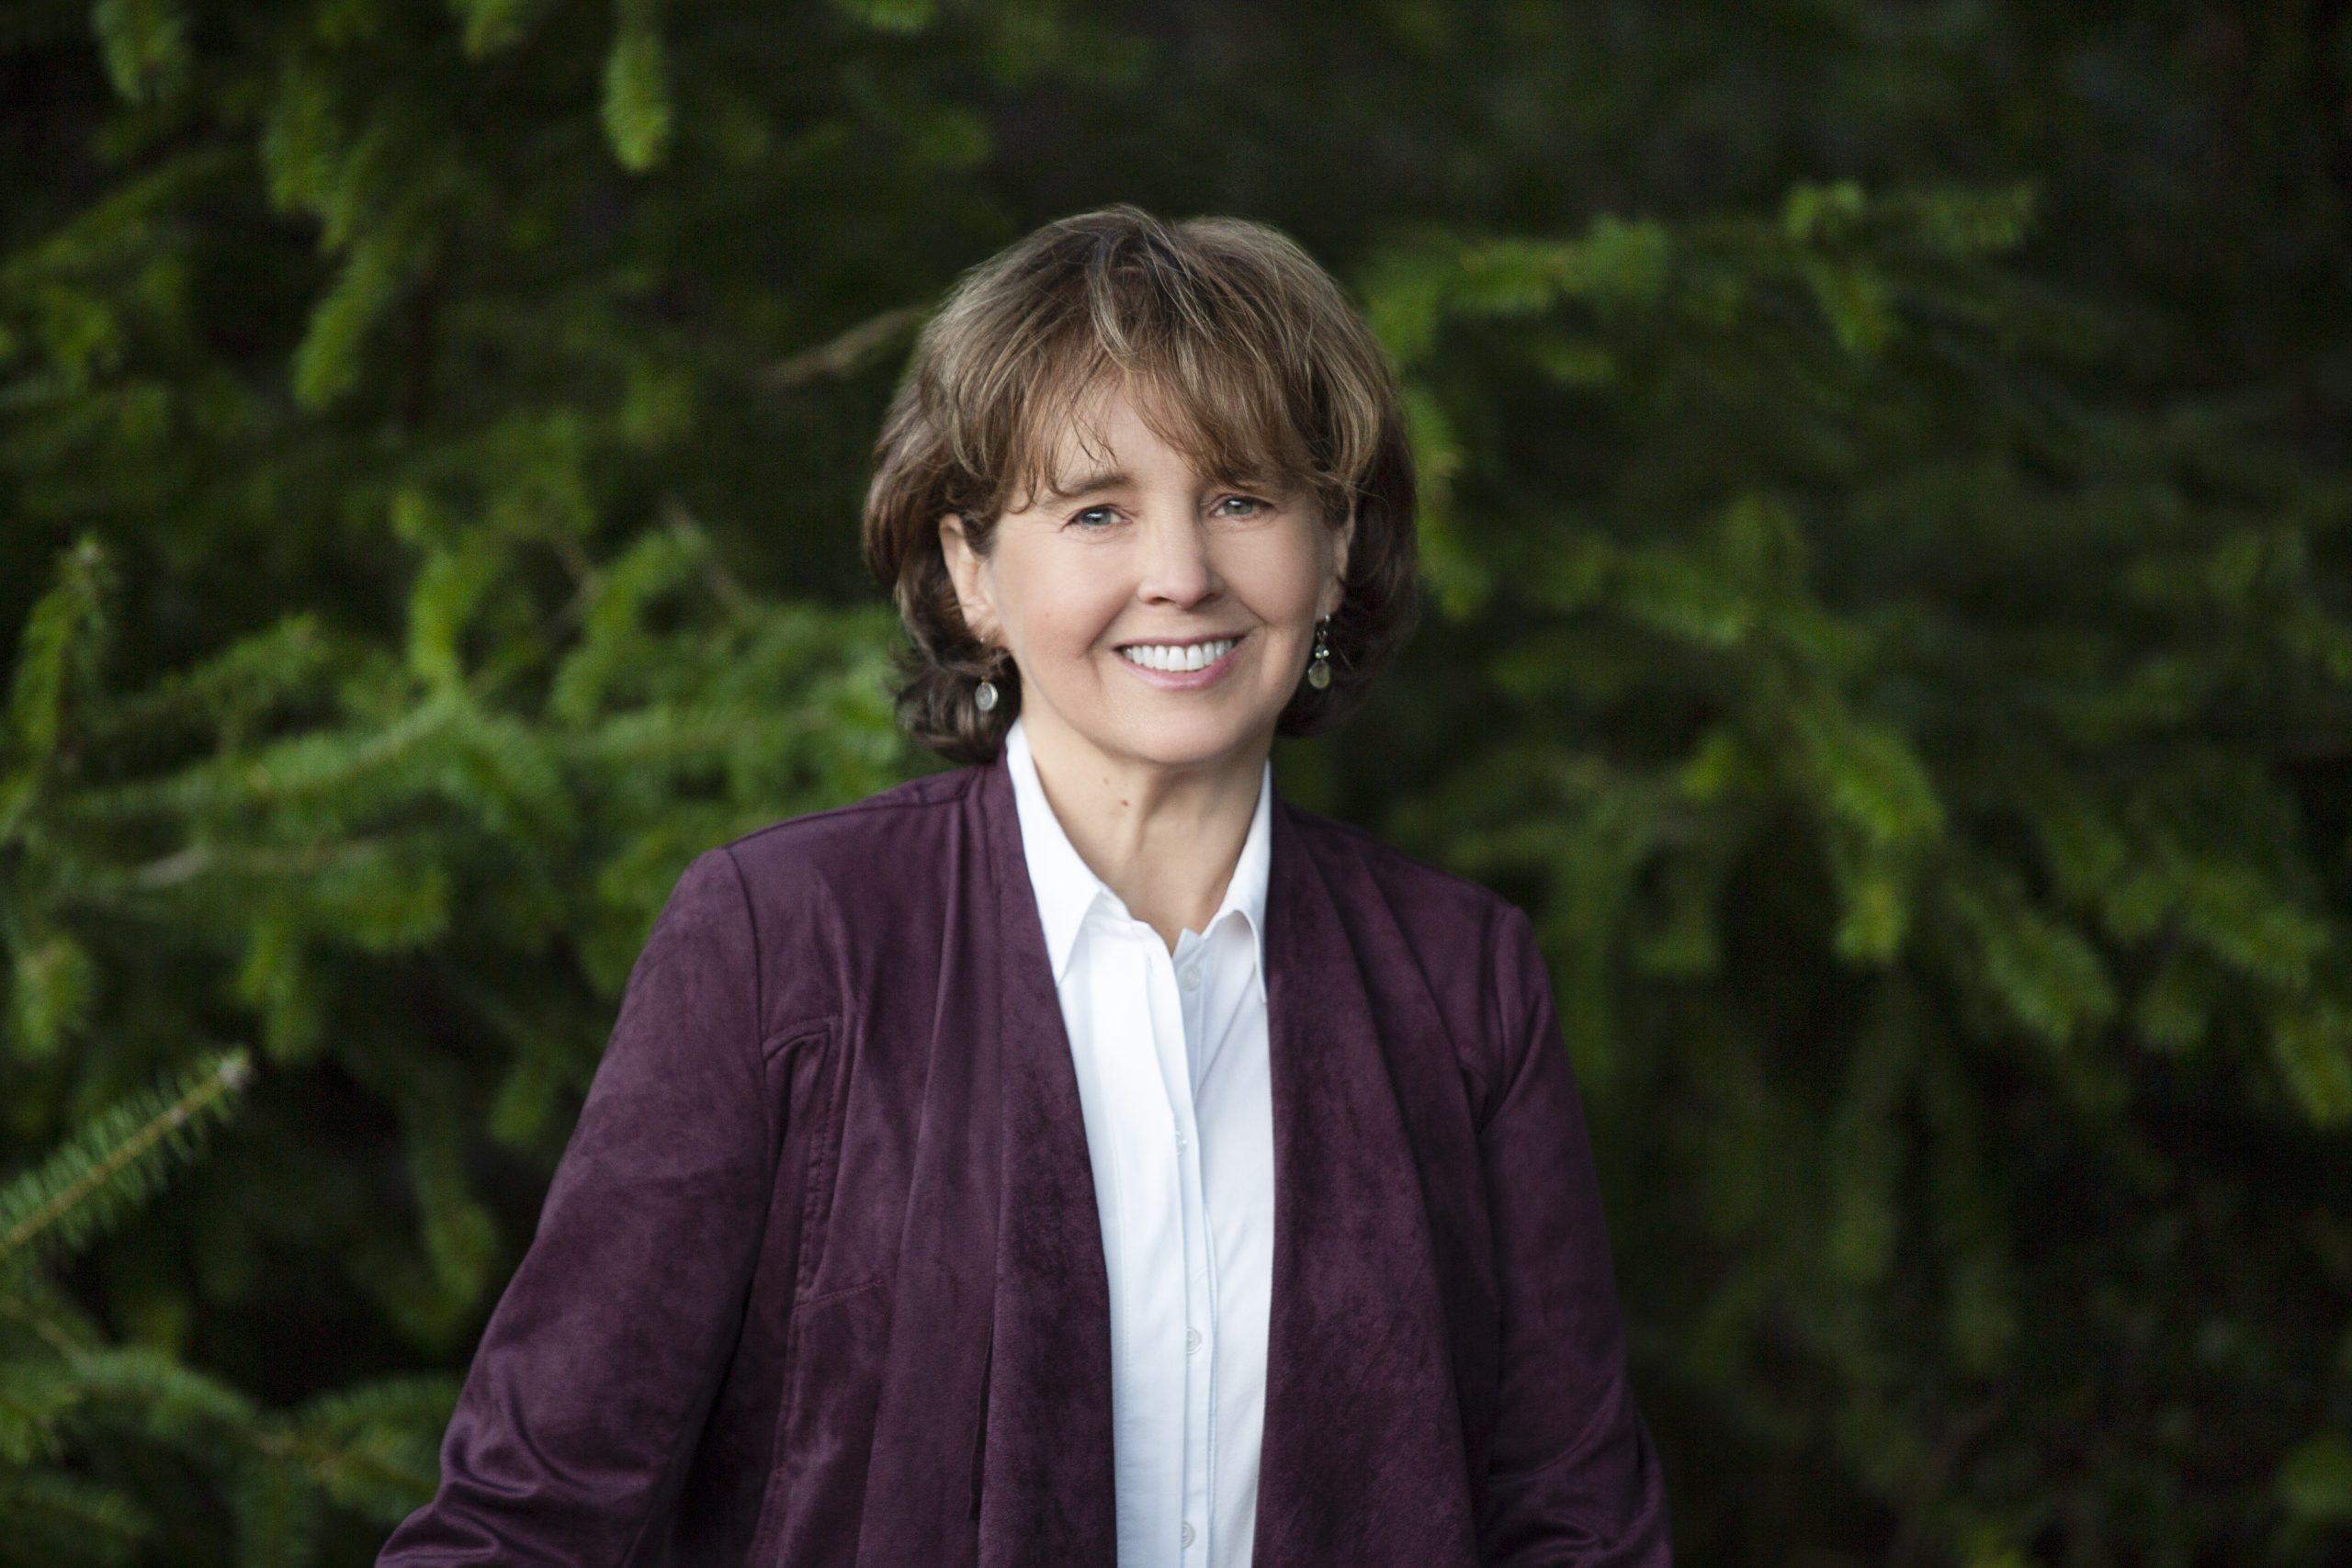 Alane Freund-LMFT, HSP, and Equine Assisted Psychotherapist